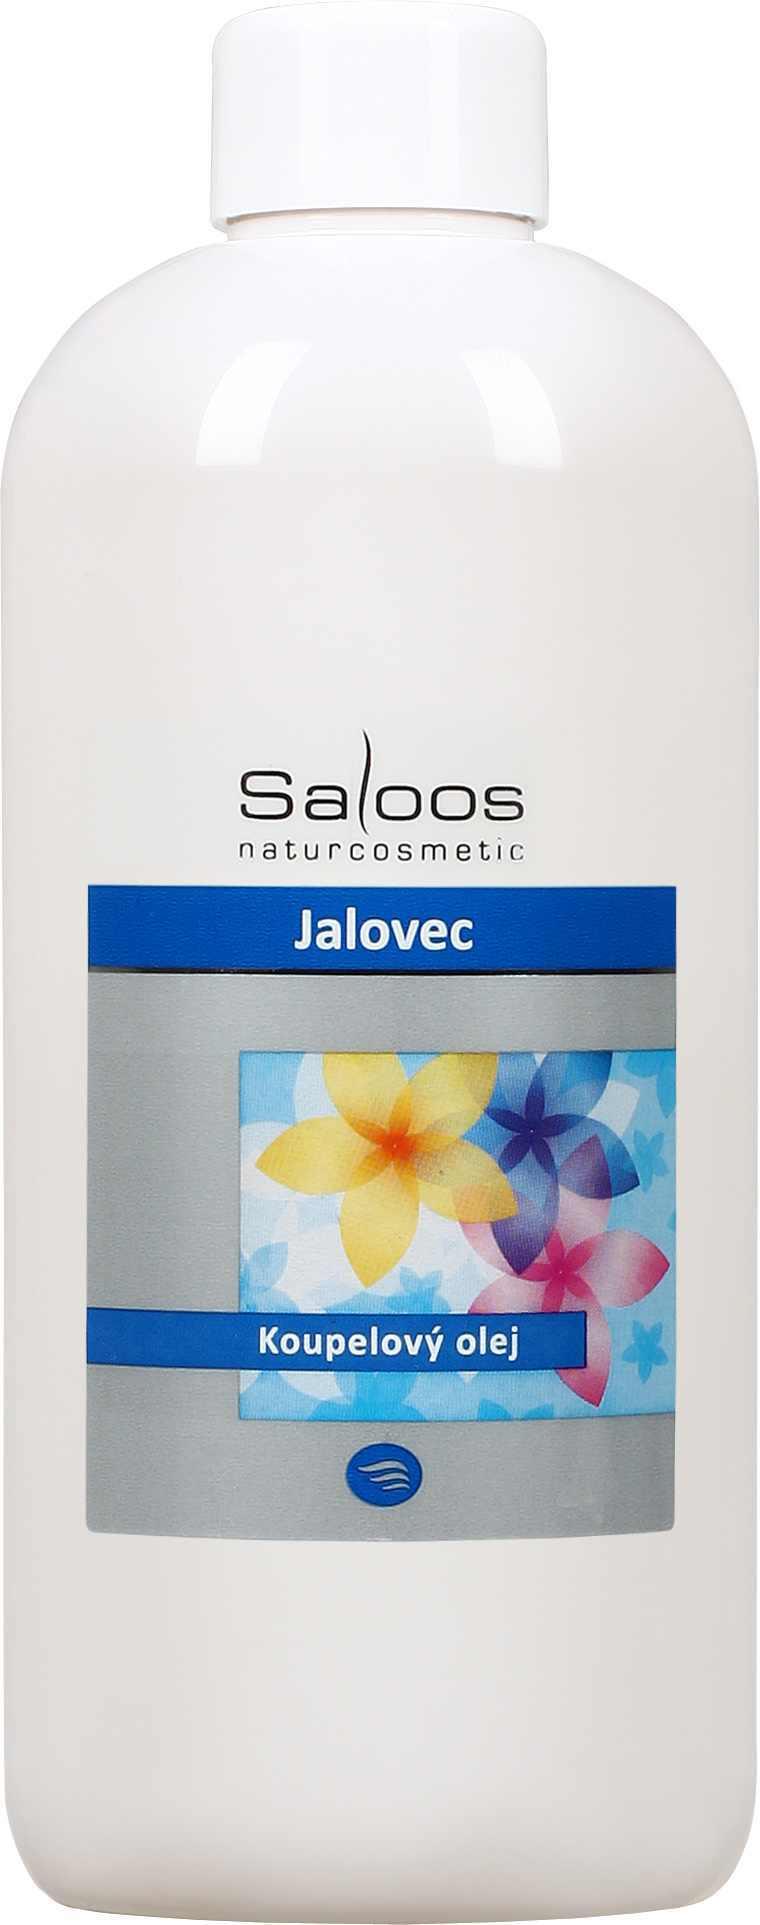 Saloos Jalovec - koupelový olej Balení: 500 ml